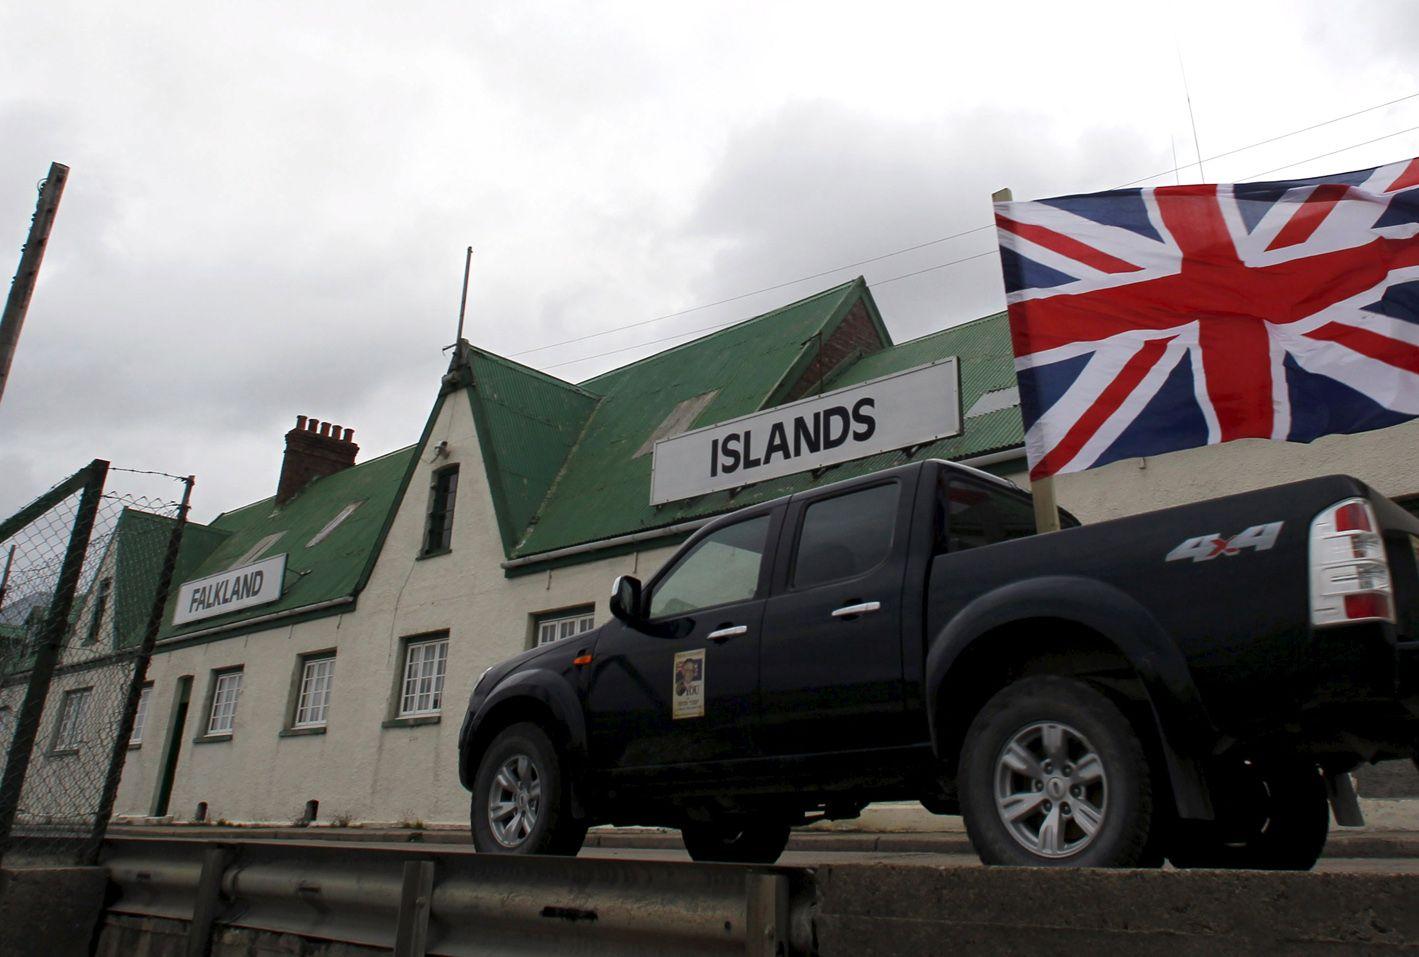 Imperio. Una postal de estos días de las Malvinas. Una camioneta 4x4 es decorada con la bandera de los ingleses.